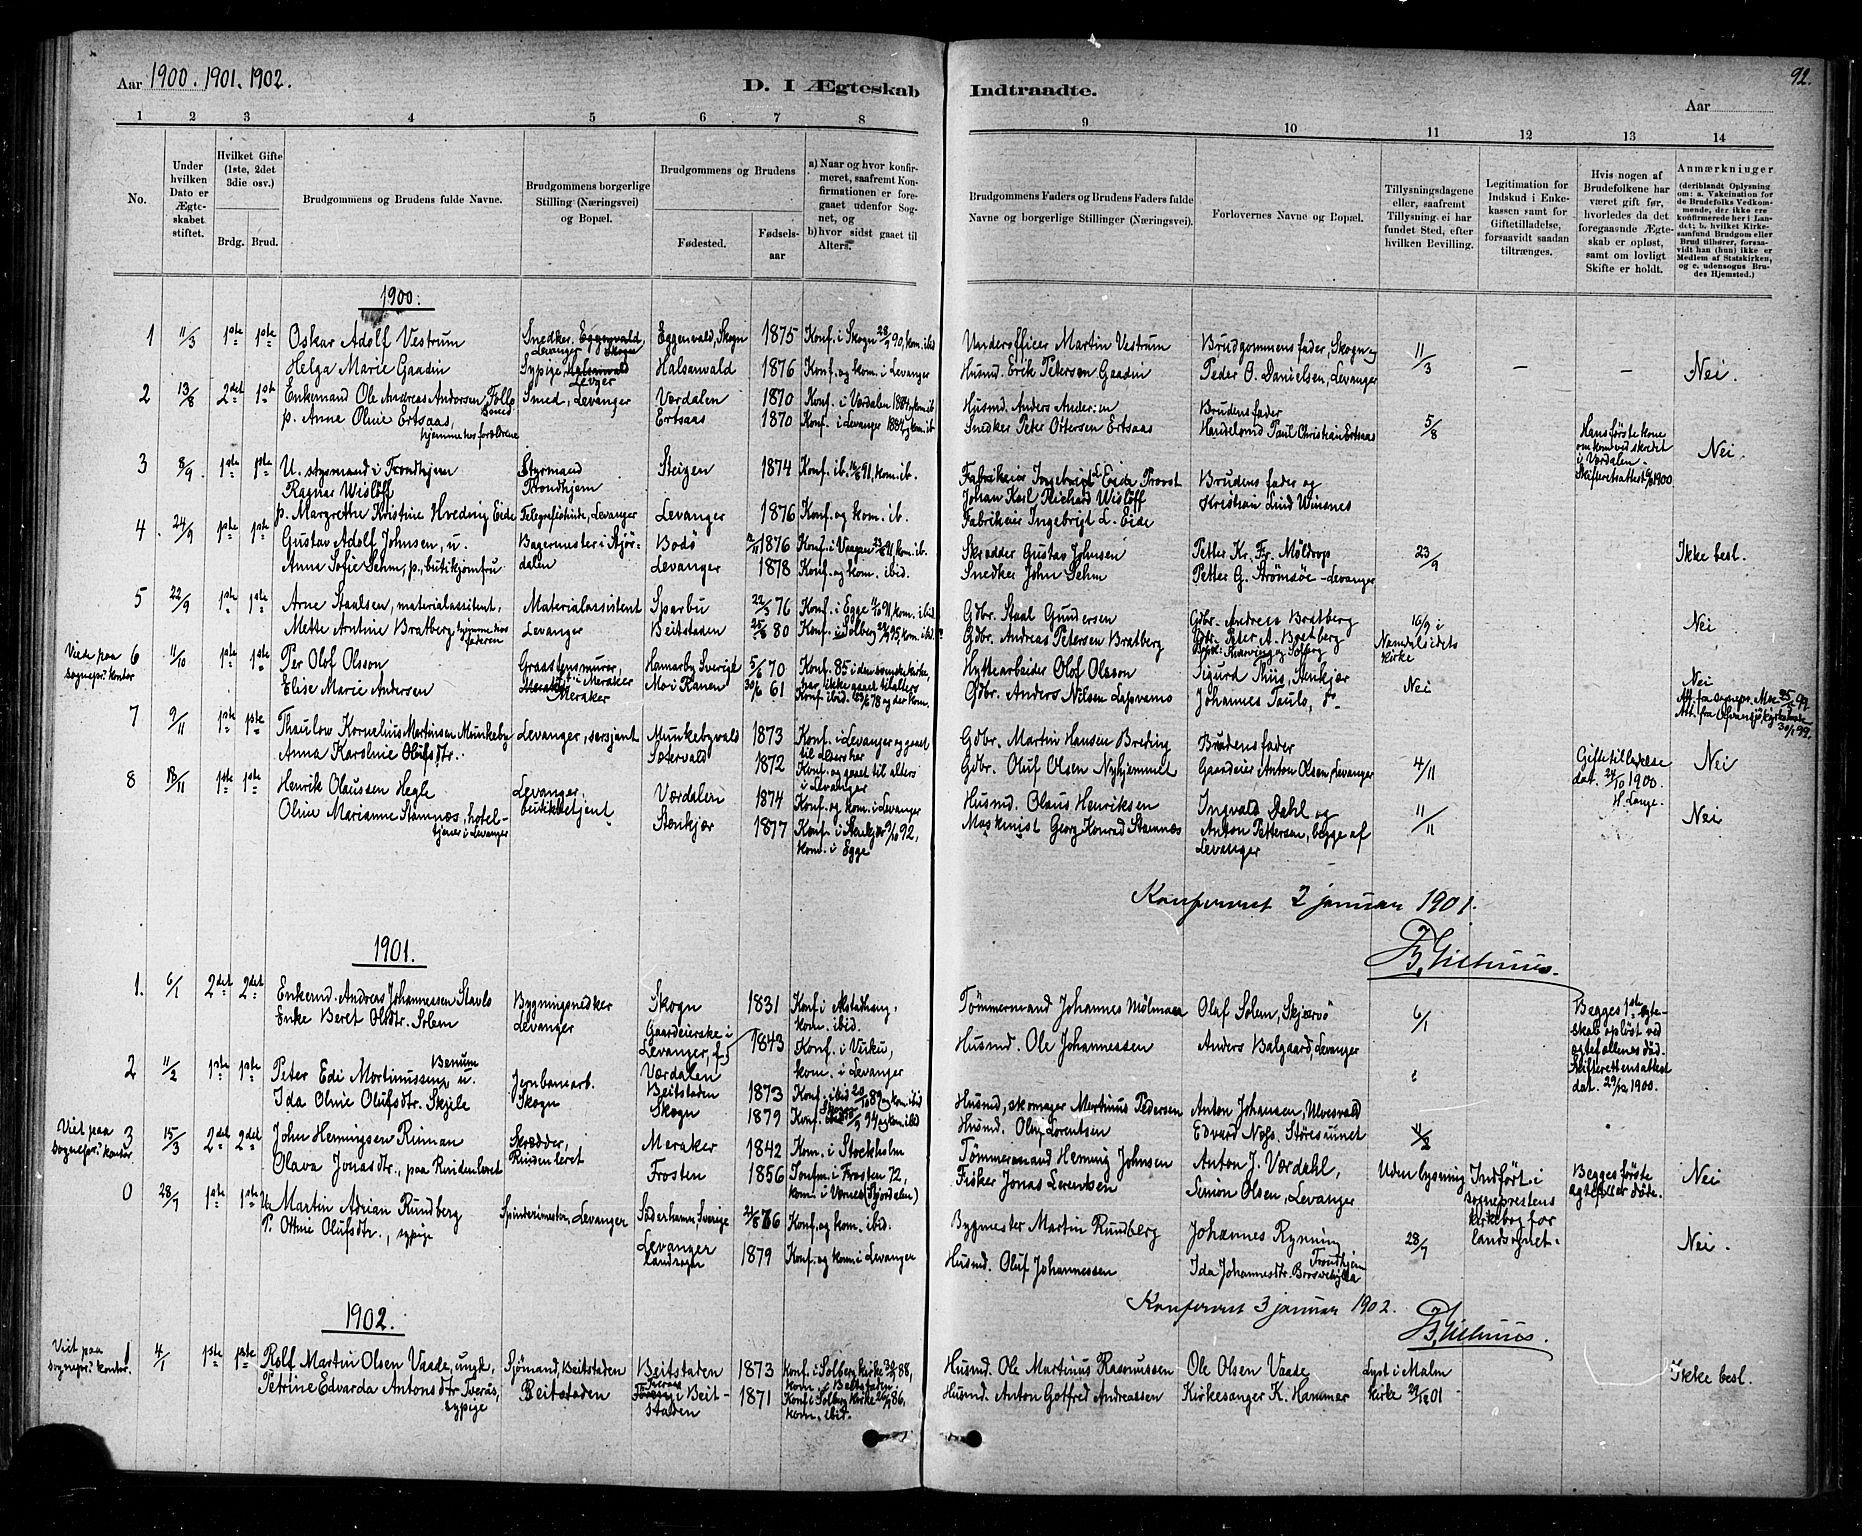 SAT, Ministerialprotokoller, klokkerbøker og fødselsregistre - Nord-Trøndelag, 720/L0192: Klokkerbok nr. 720C01, 1880-1917, s. 92